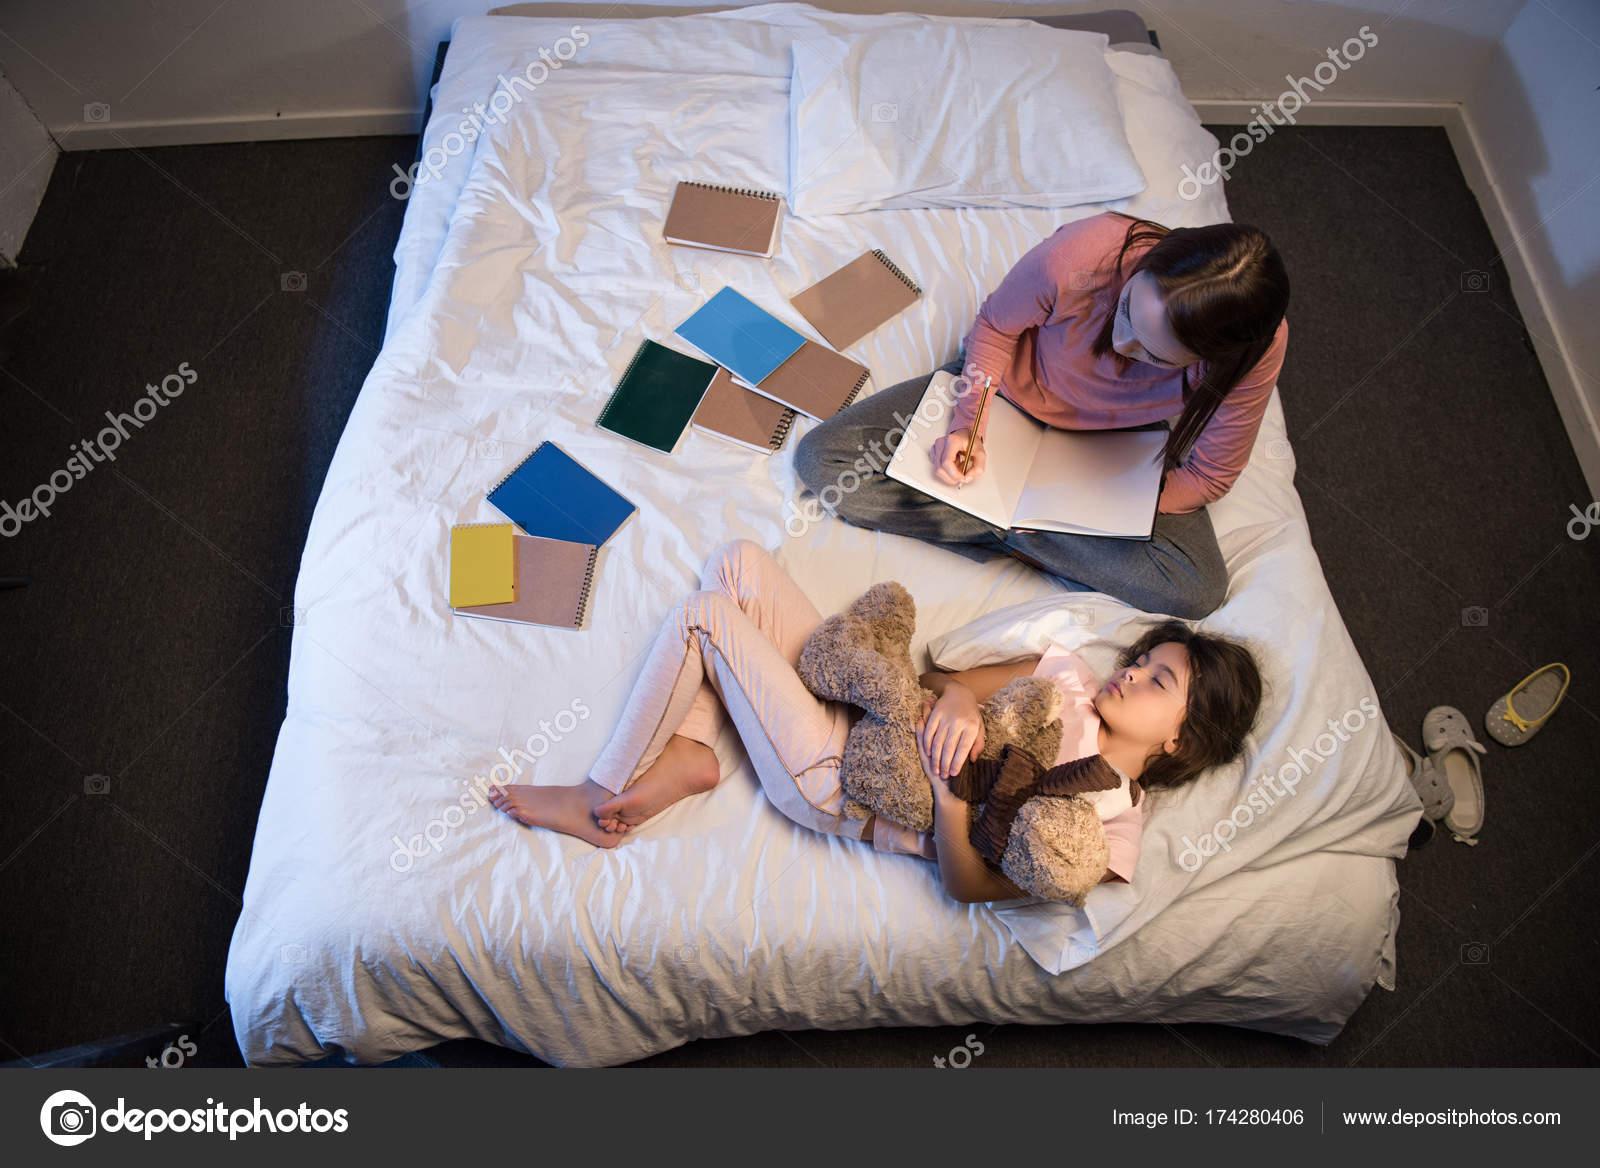 Трахает мать пока та спит русские, Сын трахнул спящую мать Cмотреть бесплатно порно 24 фотография